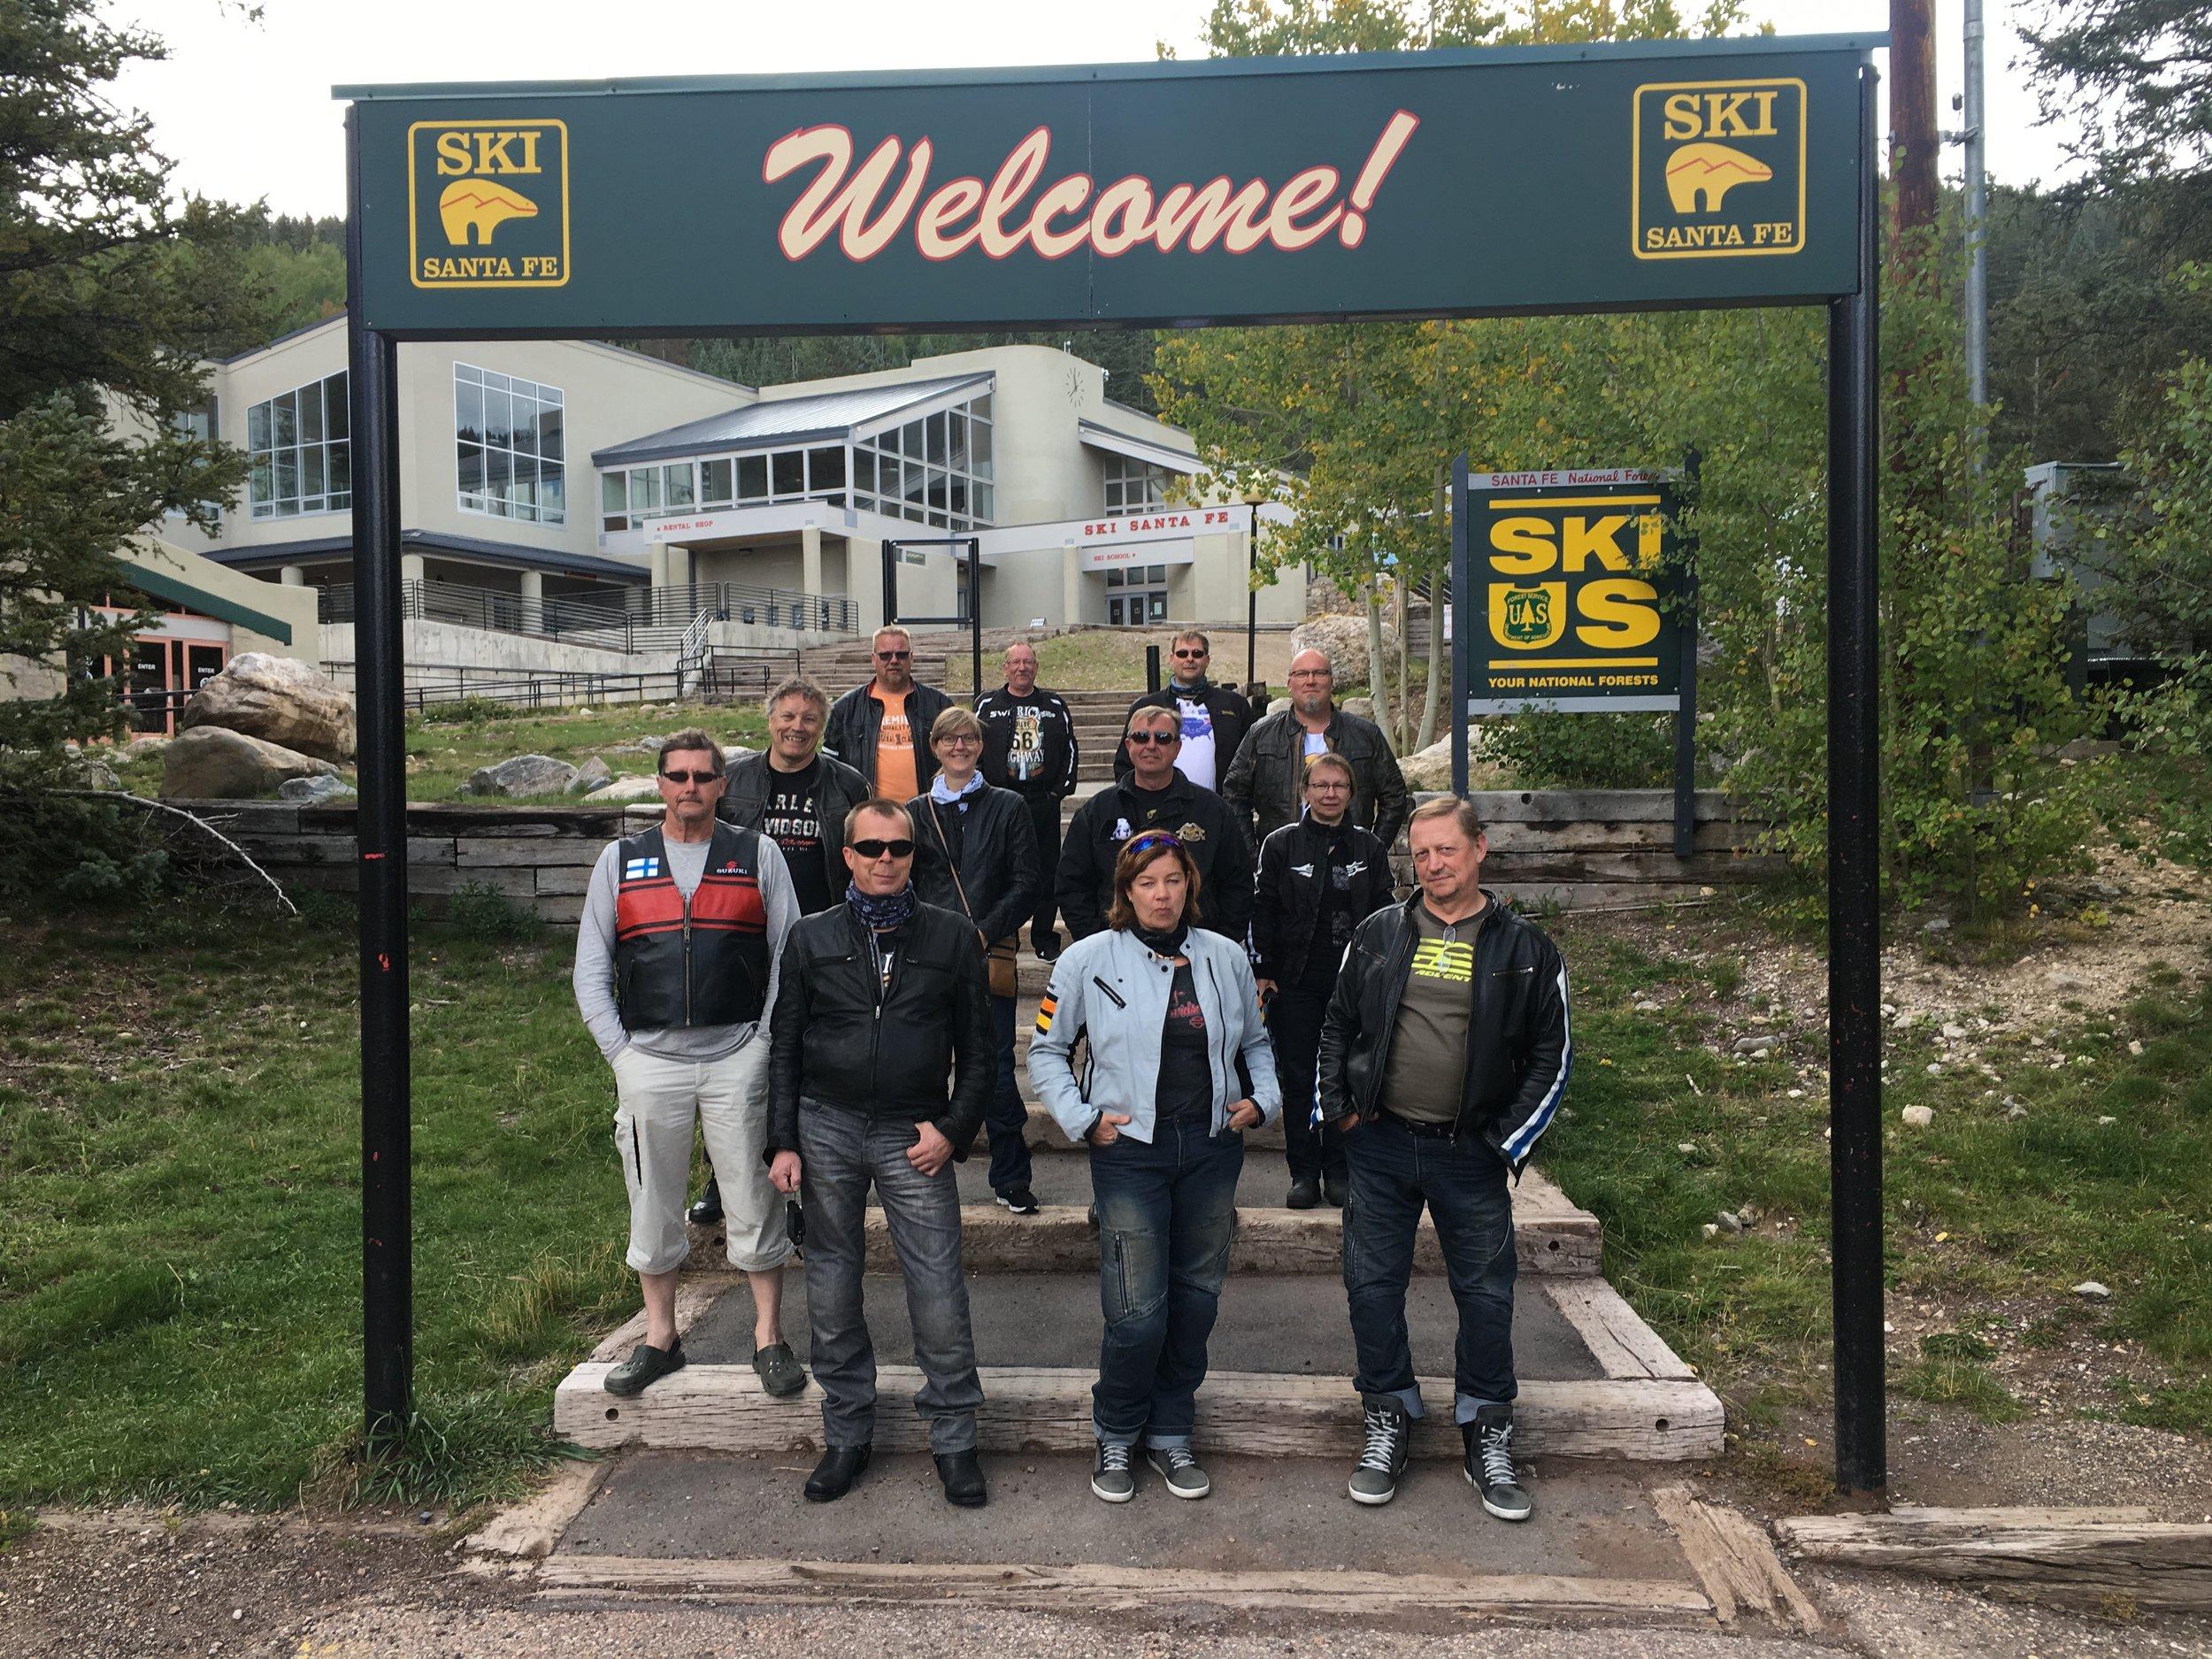 Ski Santa Fe.